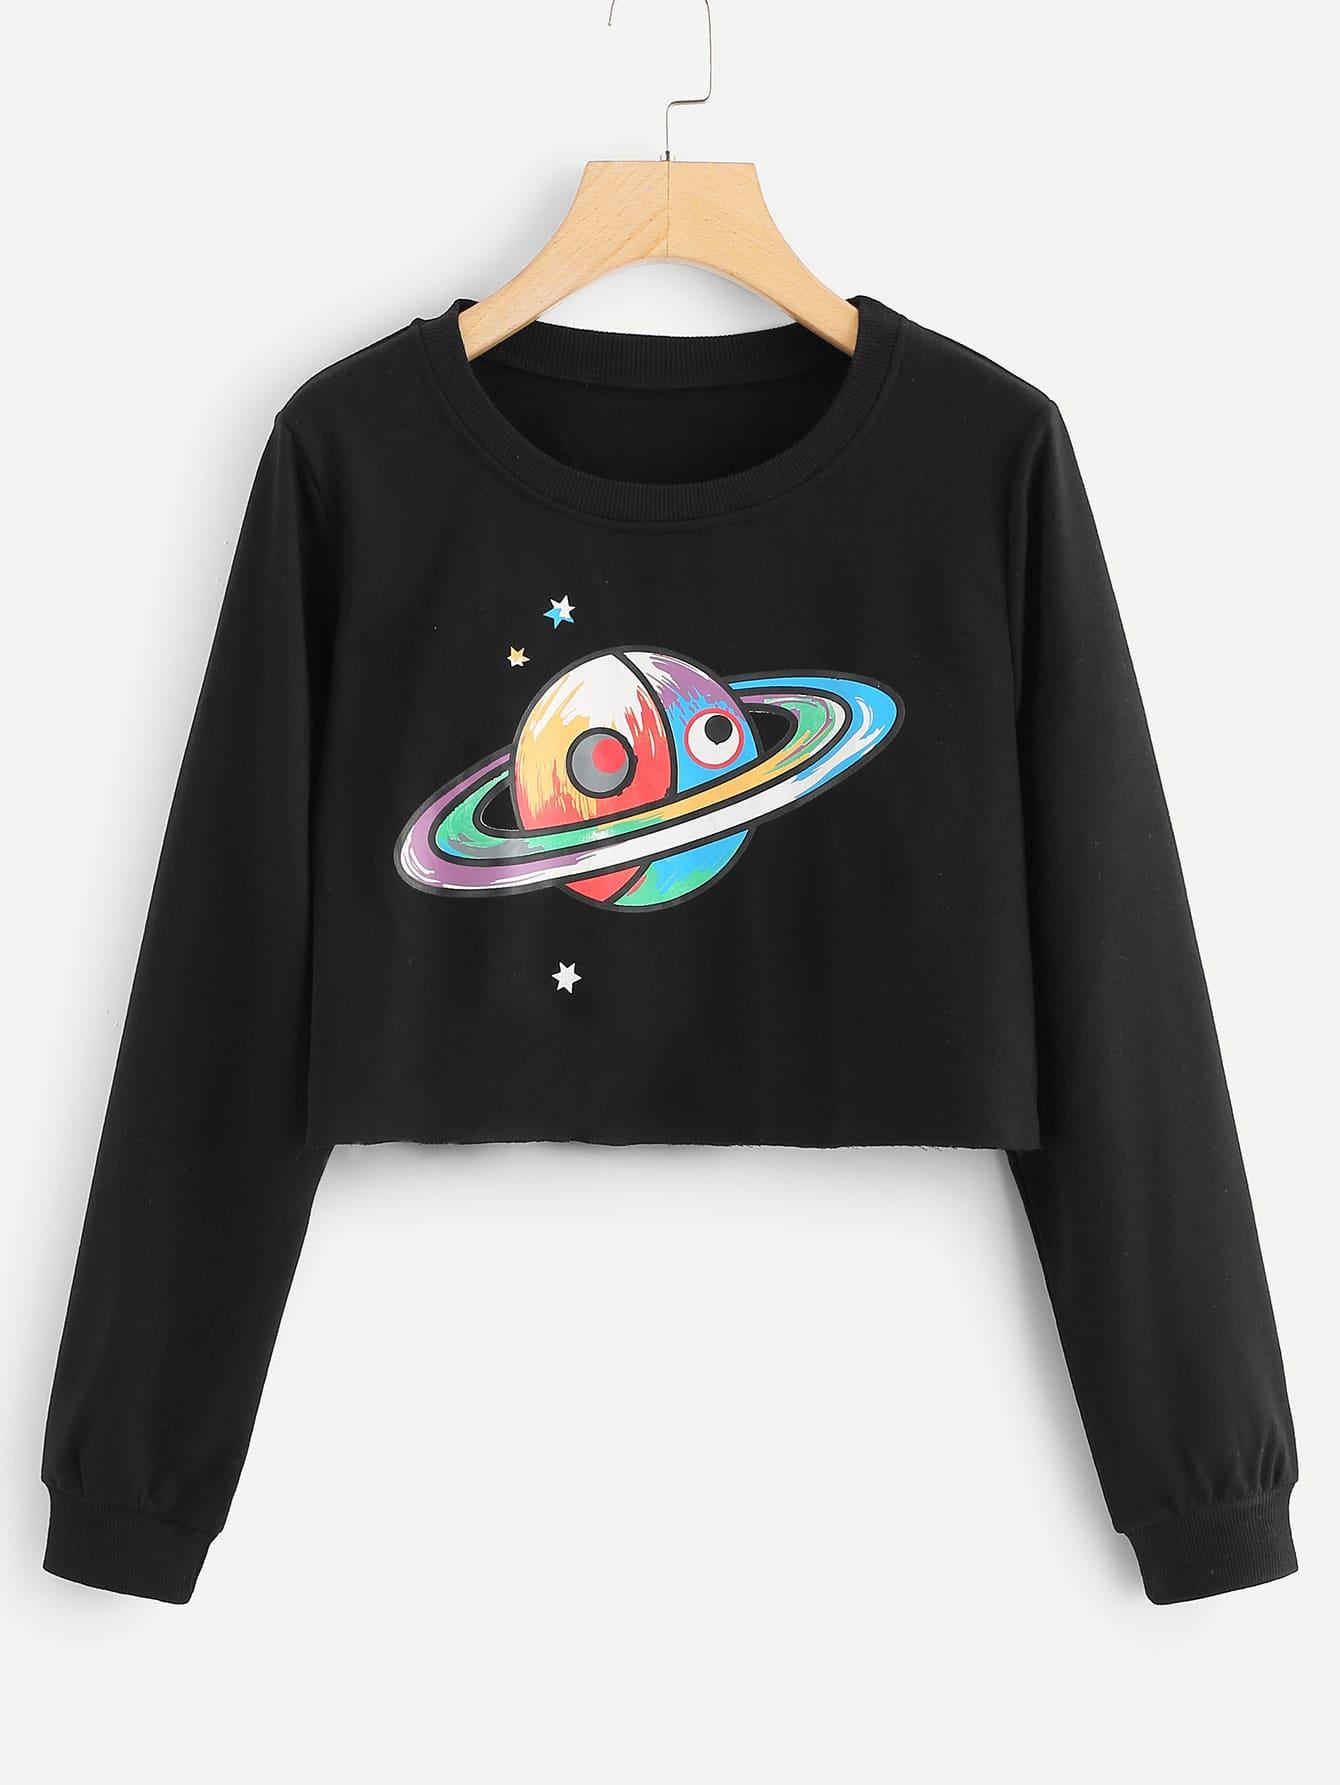 Купить Повседневный Принт космос Пуловеры Черный Свитшоты, null, SheIn